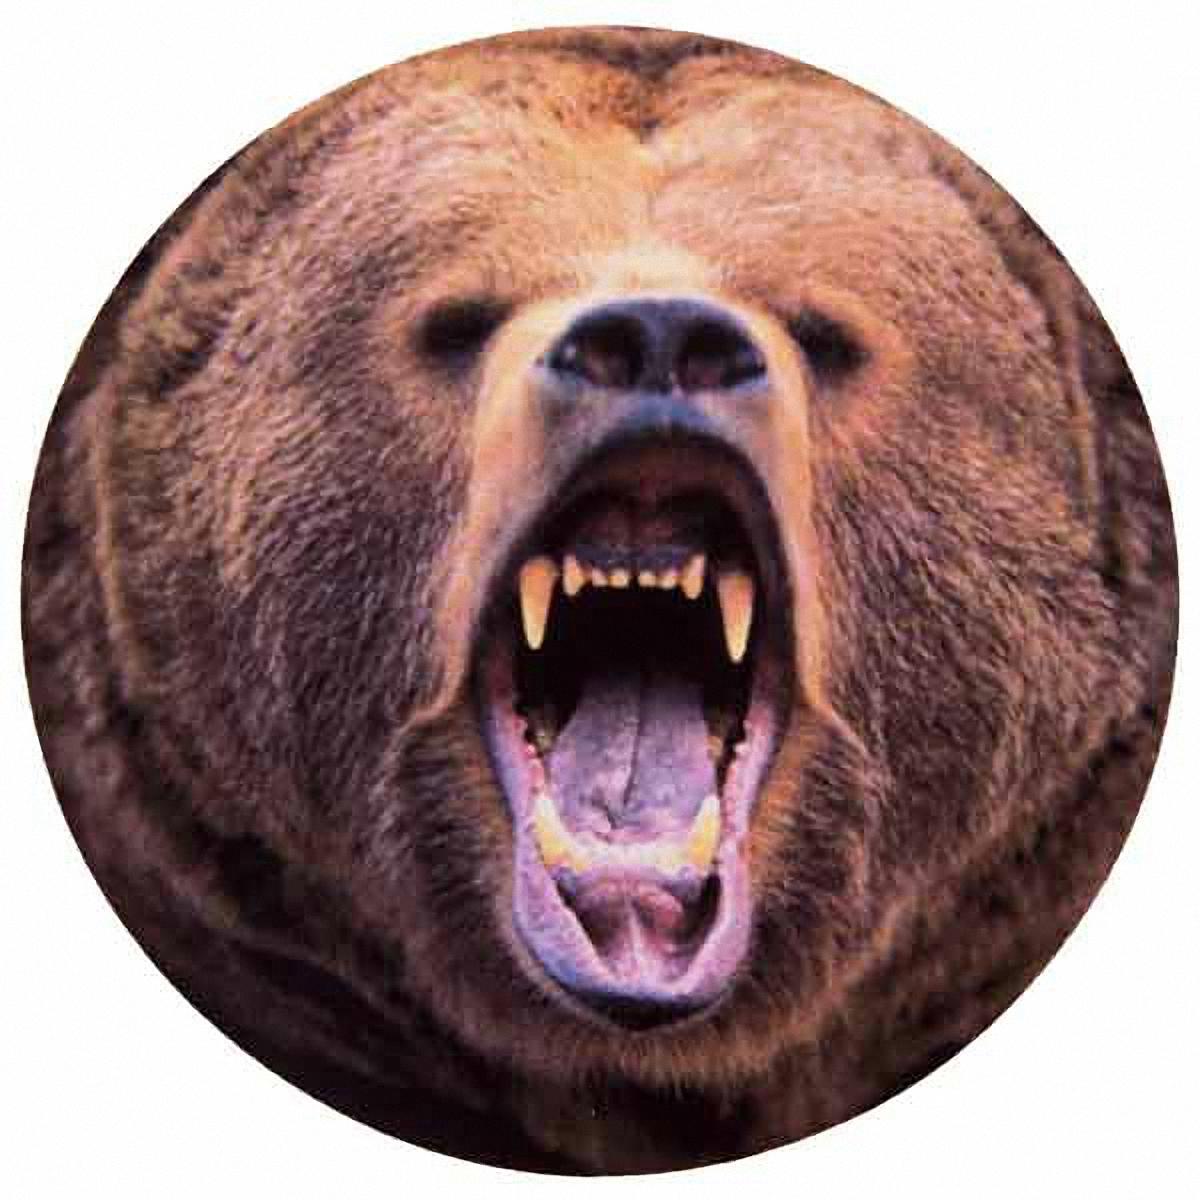 Чехол на запасное колесо Skyway Медведь, диаметр 77 смВетерок 2ГФЧехол Skyway Медведь обеспечивает защиту запасного колеса автомобиля от загрязнений, прямых солнечных лучей, воздействия воды, посторонних предметов, агрессивных сред и других негативных факторов. Чехол изготовлен из прочной экокожи, которая легко моется и надолго сохраняет внешний вид. Чехол оформлен оригинальным изображением медведя и снабжен резинкой для легкого надевания. Благодаря чехлу, колесо сохранит свой внешний вид и характеристики. Размер колеса: R16, R17.Диаметр чехла: 77 см.